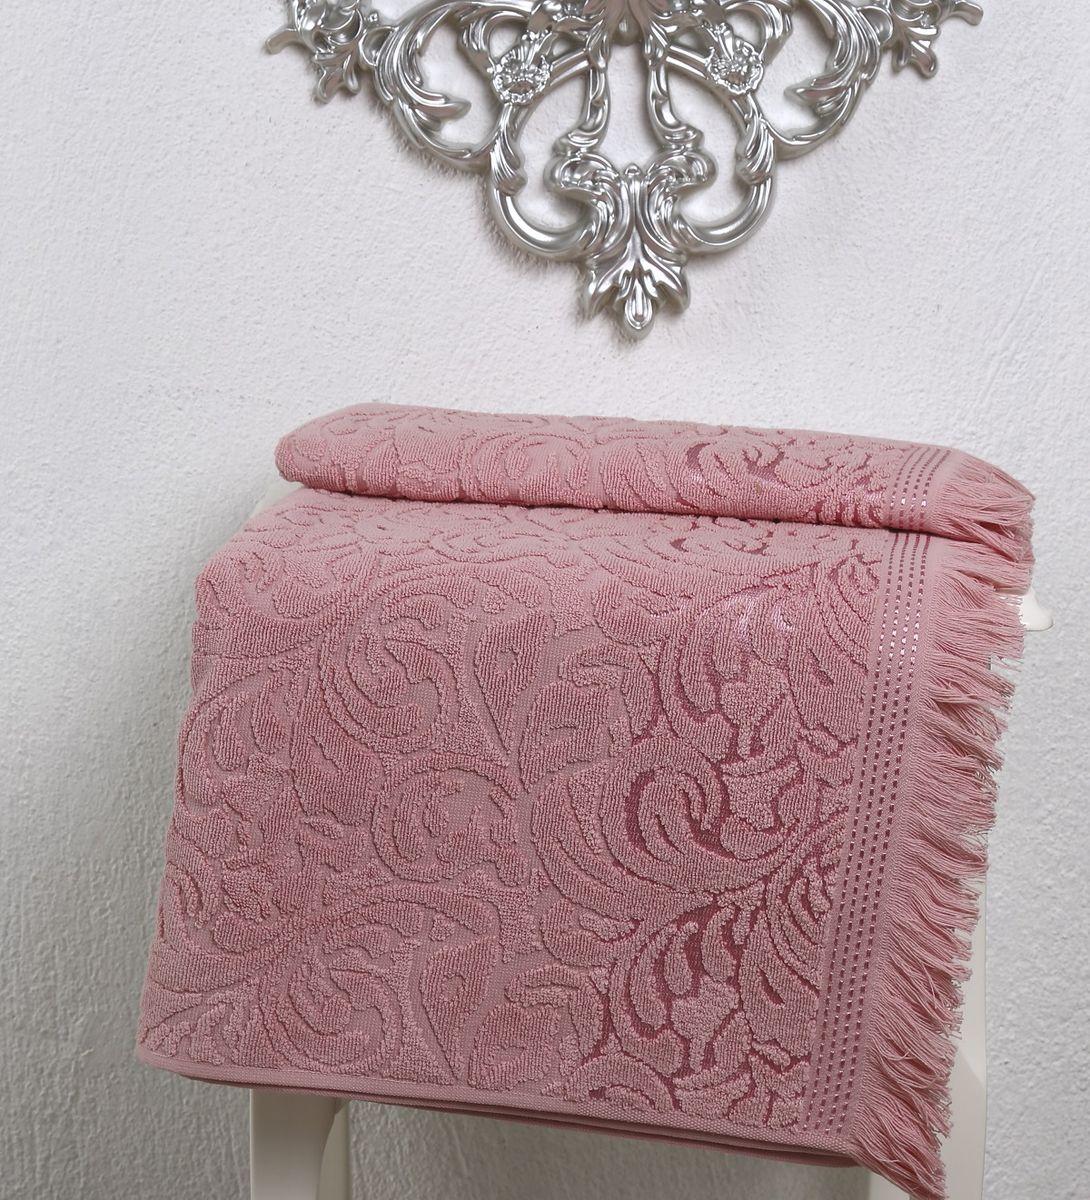 Полотенце Karna Esra, цвет: розовый, 70 х 140 см2195/CHAR006Полотенце махровое Karna изготавливают из высококачественных хлопковых нитей. Хлопковые нити прядутся из длинных волокон. Длина волокон хлопковой нити влияет на свойства ткани, чем длиннее волокна, тем махровое изделие прочнее, пушистее и мягче на ощупь. А также махровое изделие будет отлично впитывать воду и быстро сохнуть. На впитывающие качества махры (ее гигроскопичность), конечно же, влияет состав волокон. Махра абсолютно не аллергенна, имеет высокую воздухопроницаемость и долгий срок использования ткани.Отличительной особенностью данной модели являются ее оригинальный рисунок (вышивка) и подарочная упаковка. Декор в виде вышивки и бахромы хорошо смотрится. Вышитые изображения отличаются своей долговечностью и практичностью, они не выгорают и не линяют.